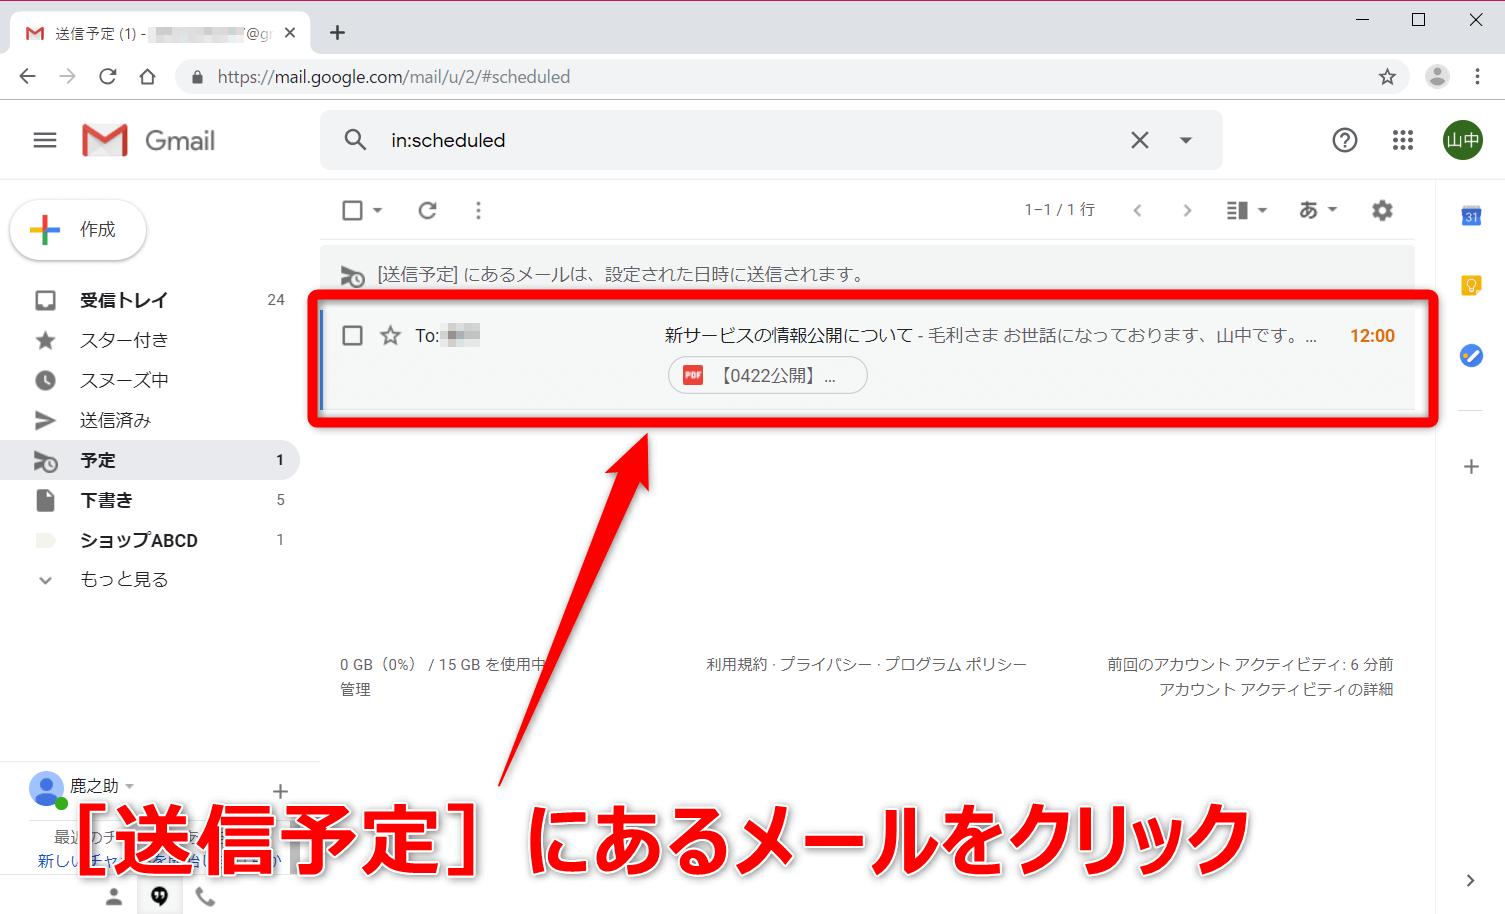 Gmail(ジーメール)の[予定]フォルダーを表示した画面